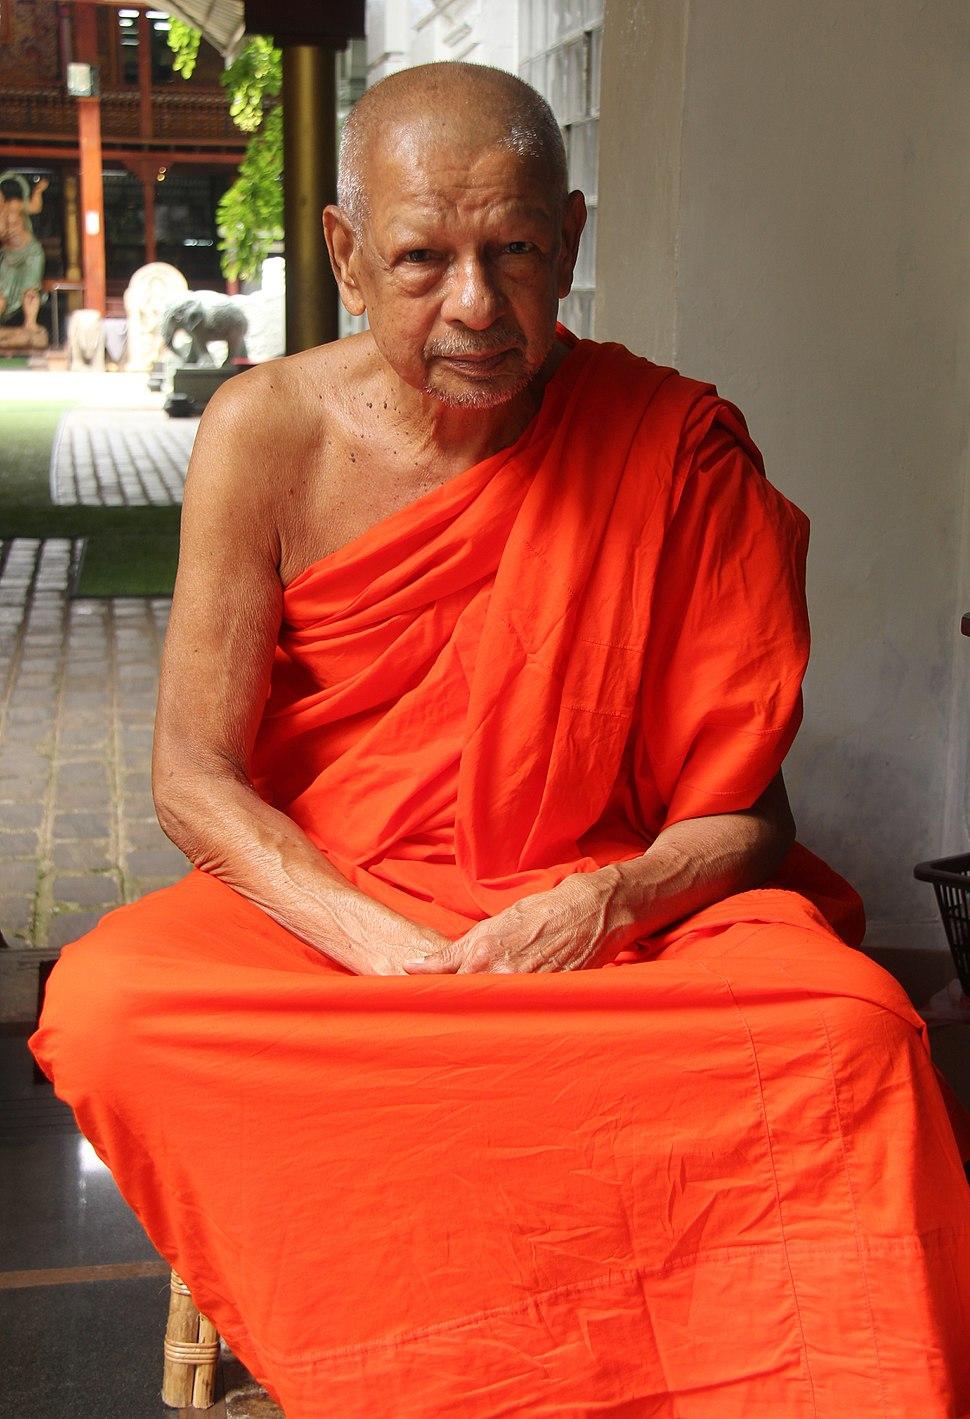 Venerable Galboda Gnanissara Thera